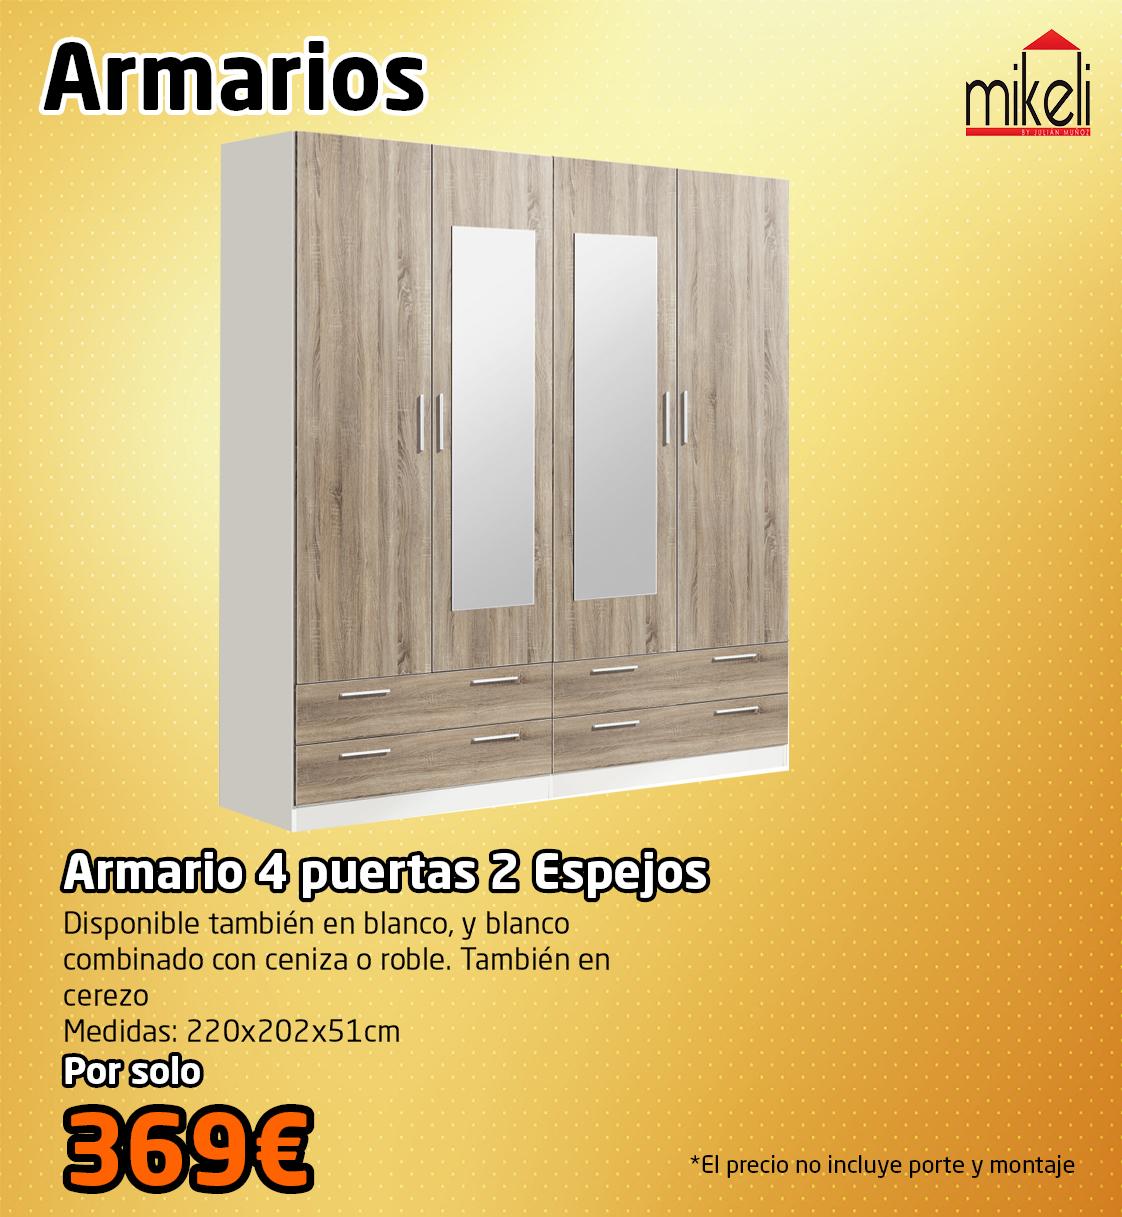 Montaje de puertas correderas beautiful diyhd ftpies de acero inoxidable puerta corredera - Montaje de puertas ...